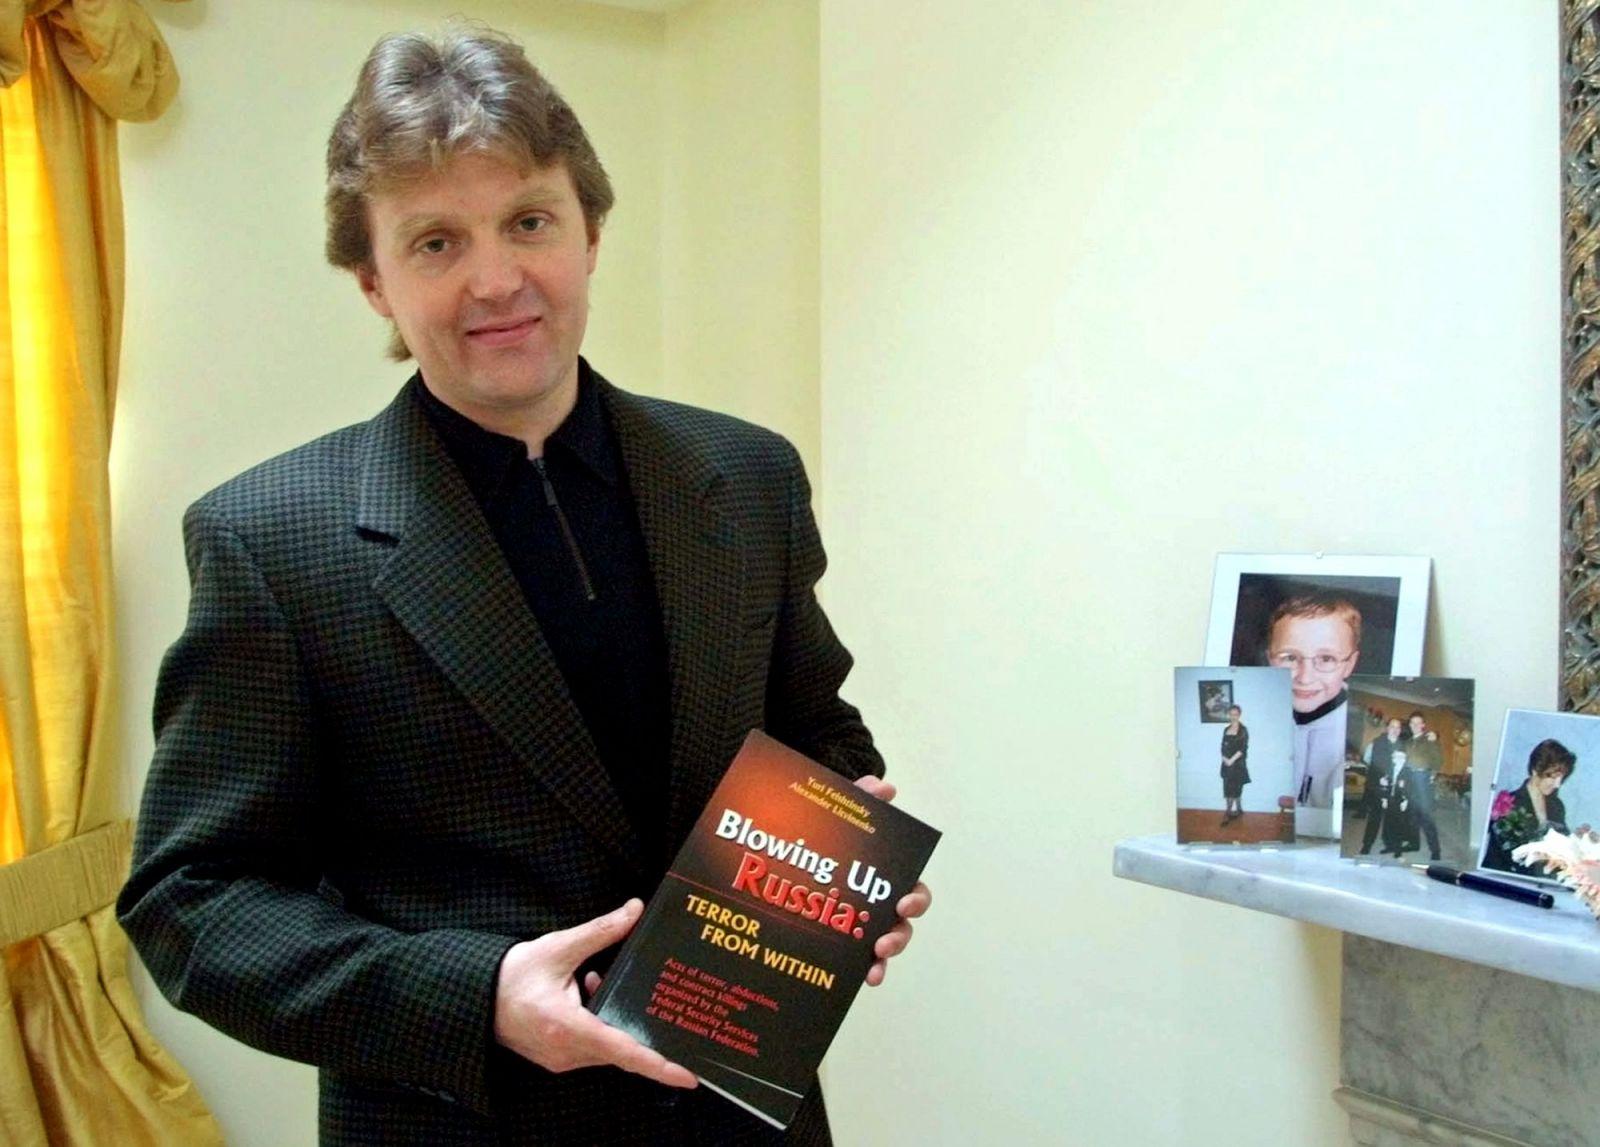 Bývalý agent KGB byl v Londýně otráven radioaktivním poloniem, pachatel je dodnes neznámý. Kdo byl Alexander Litviněnko?